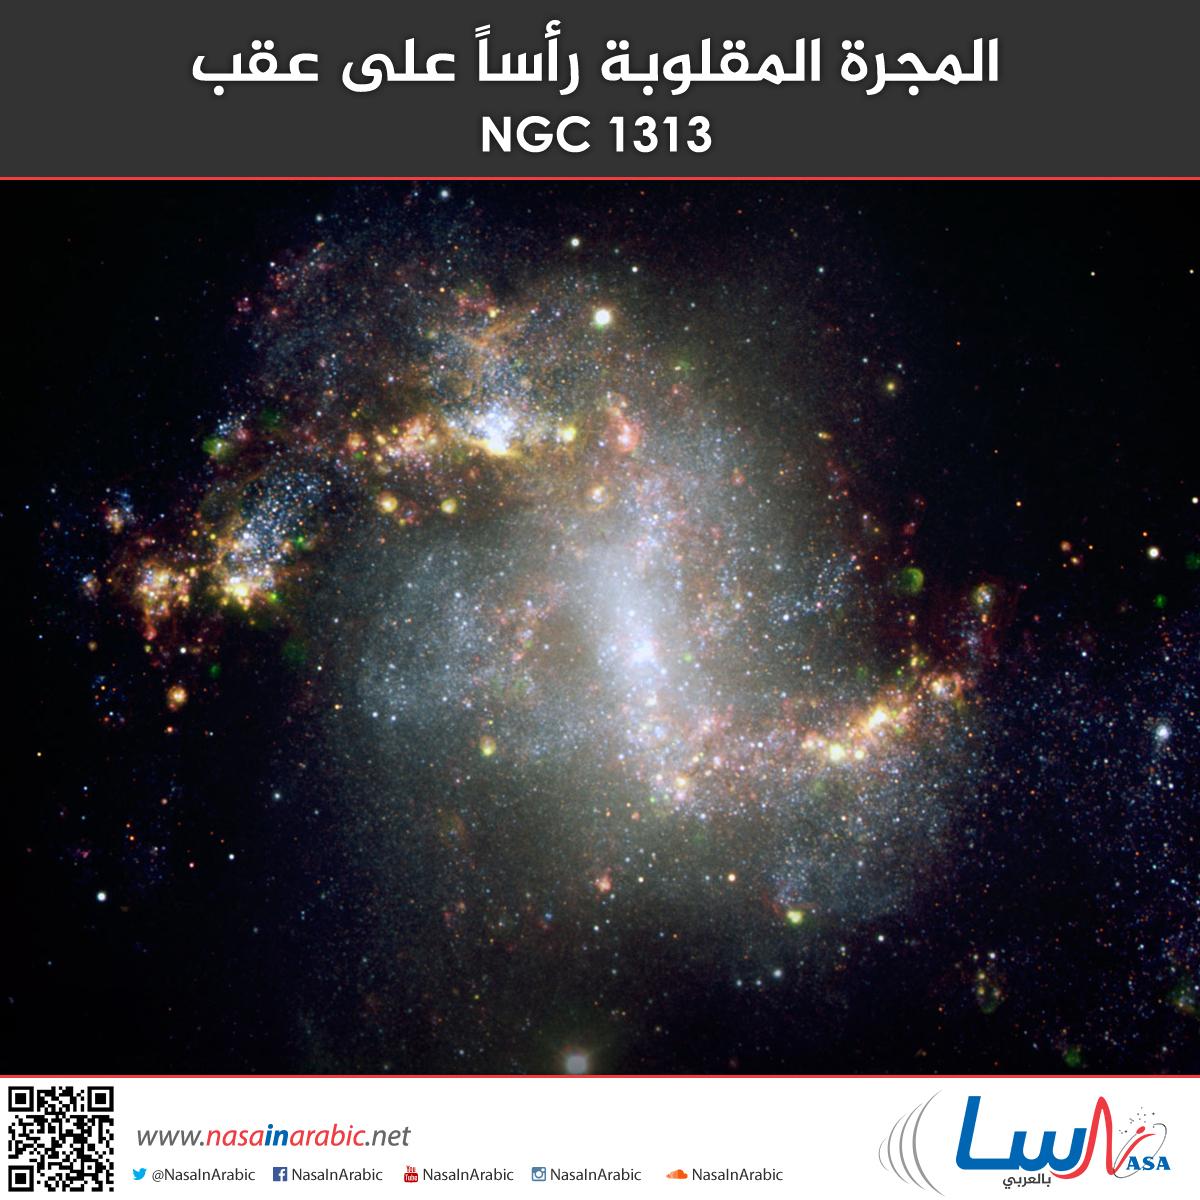 المجرة المقلوبة رأساً على عقب NGC 1313